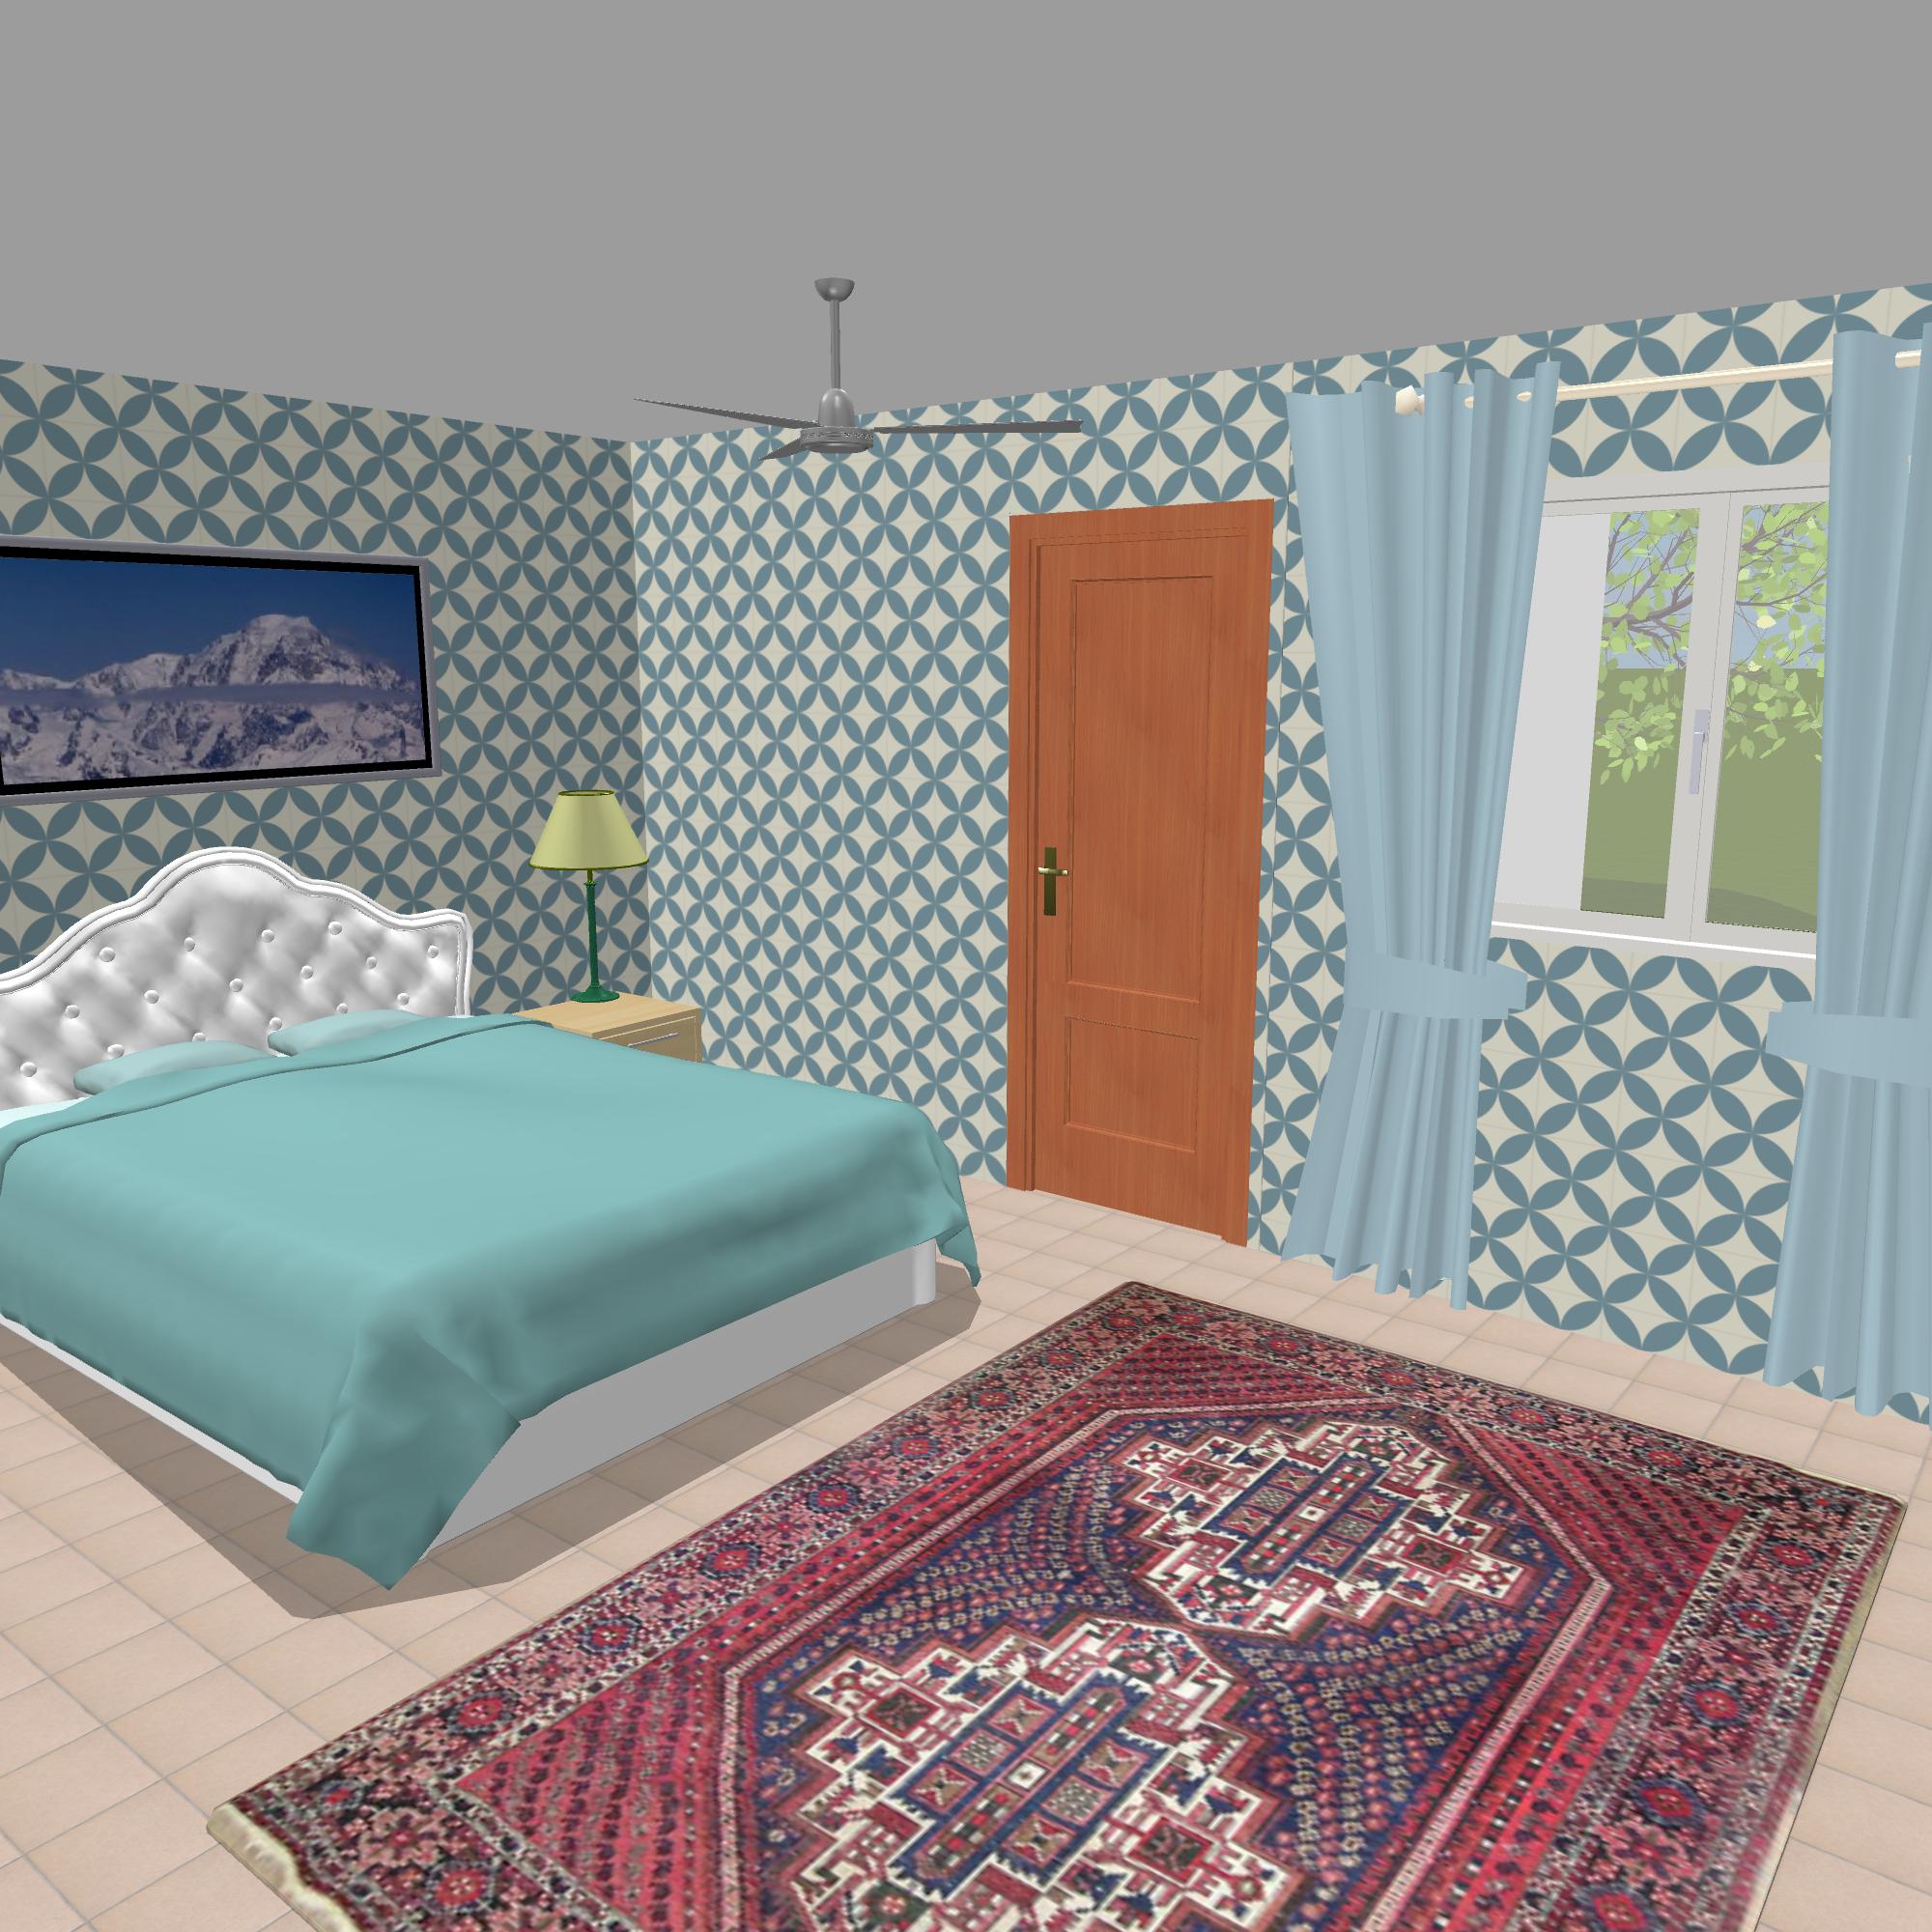 130sqm_bedroom 1.png